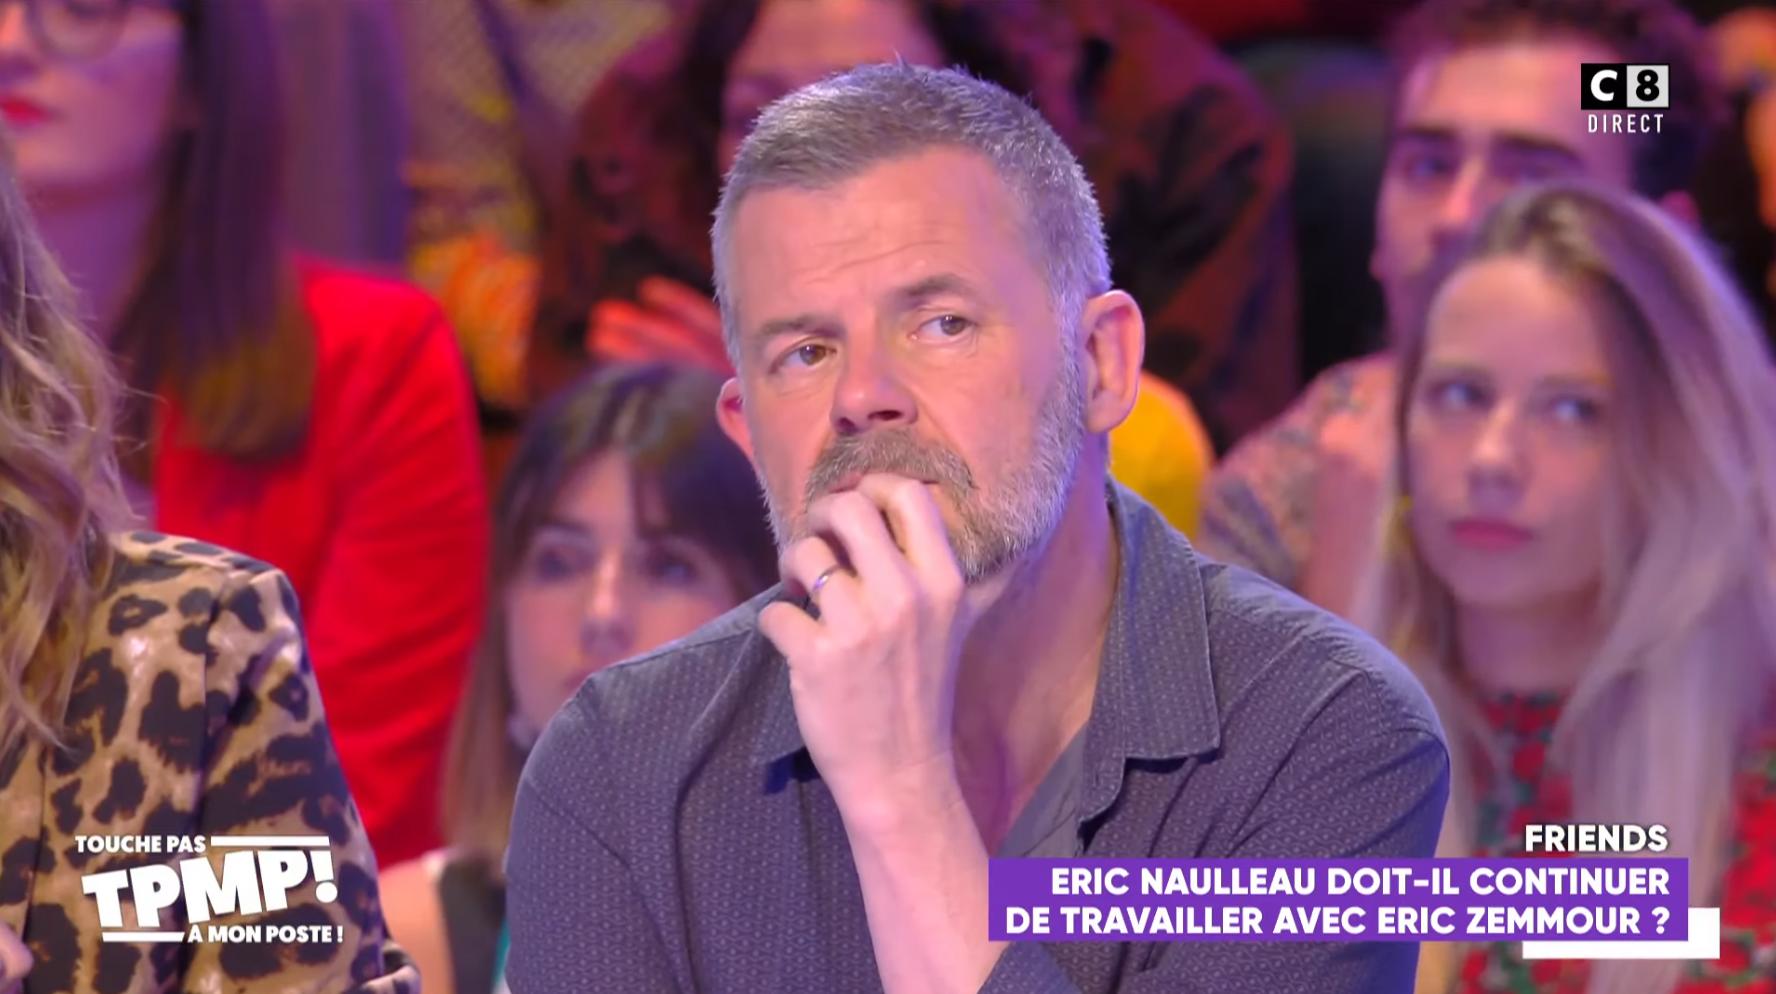 Éric Naulleau doit-il continuer à travailler avec Éric Zemmour ? (VIDÉO)